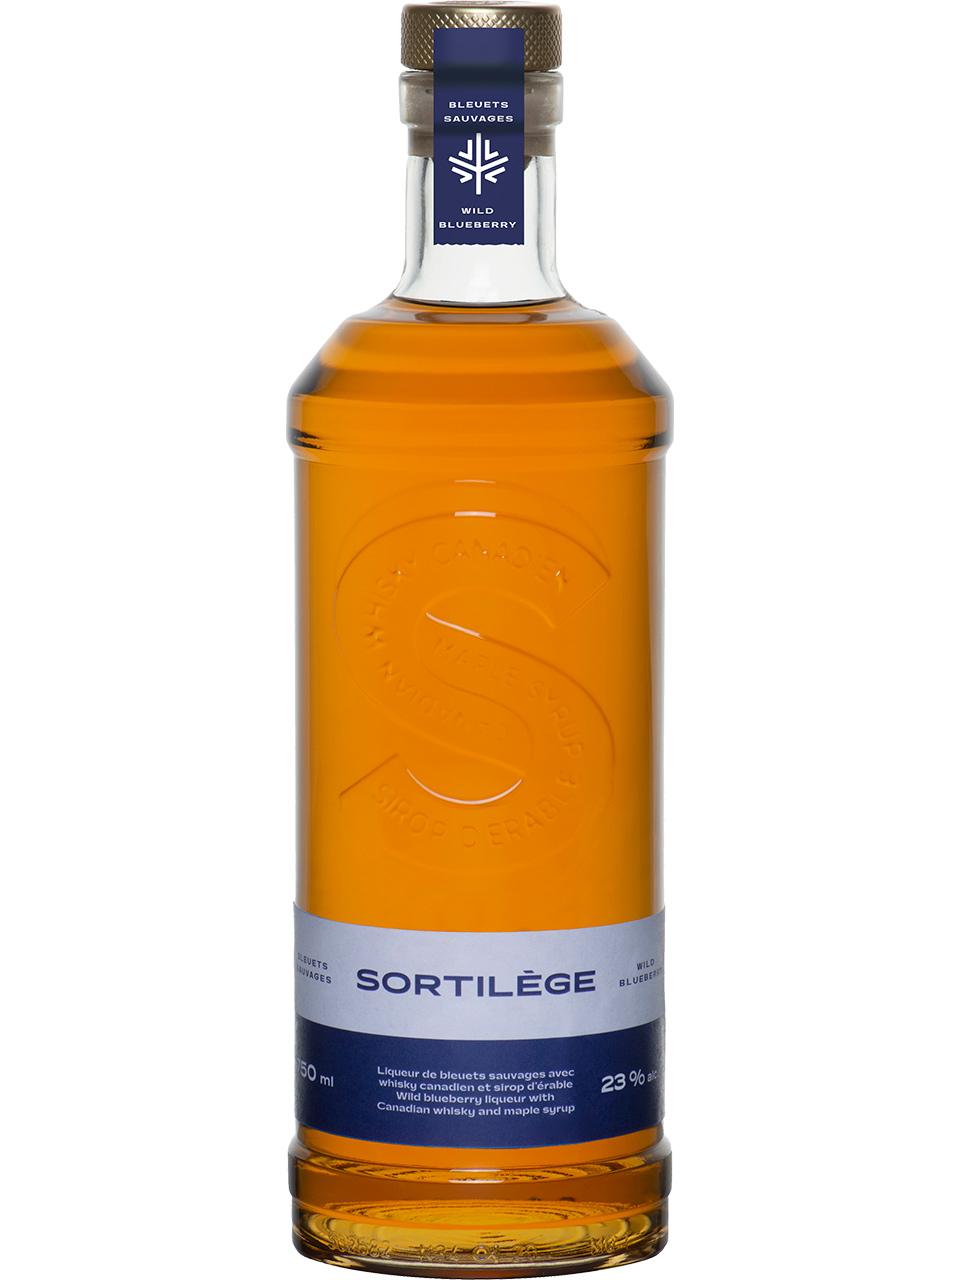 Sortilege Wild Blueberry Liqueur